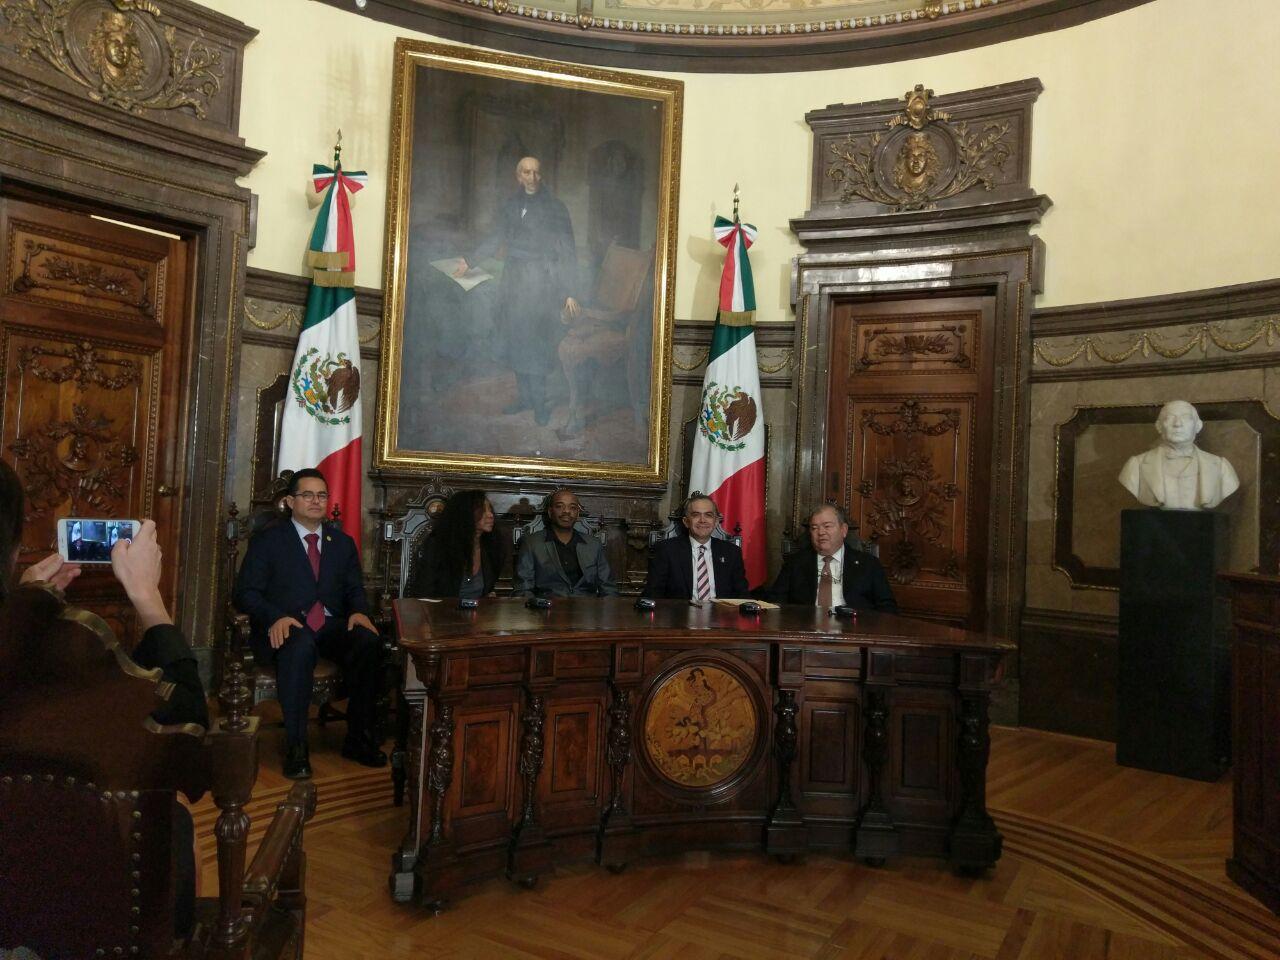 Visita de Stephen Wiltshire al Palacio de Gobierno de la CDMX